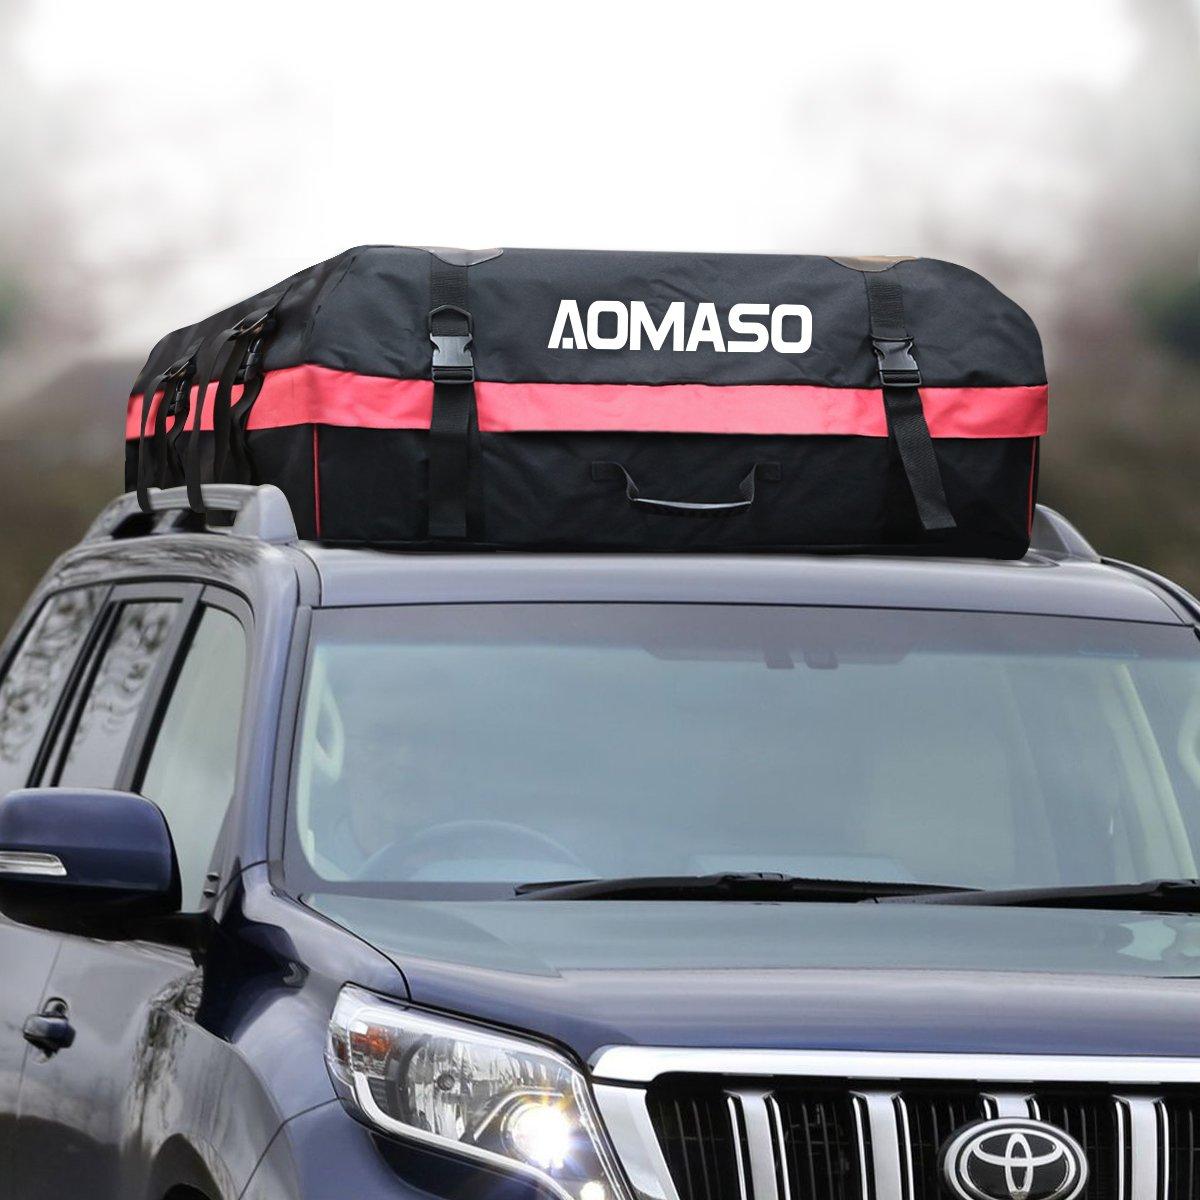 Portaequipaje Impermeable para Techo de Automóvil Aomaso, Caja de Almacenamiento (10 Pies Cúbicos)